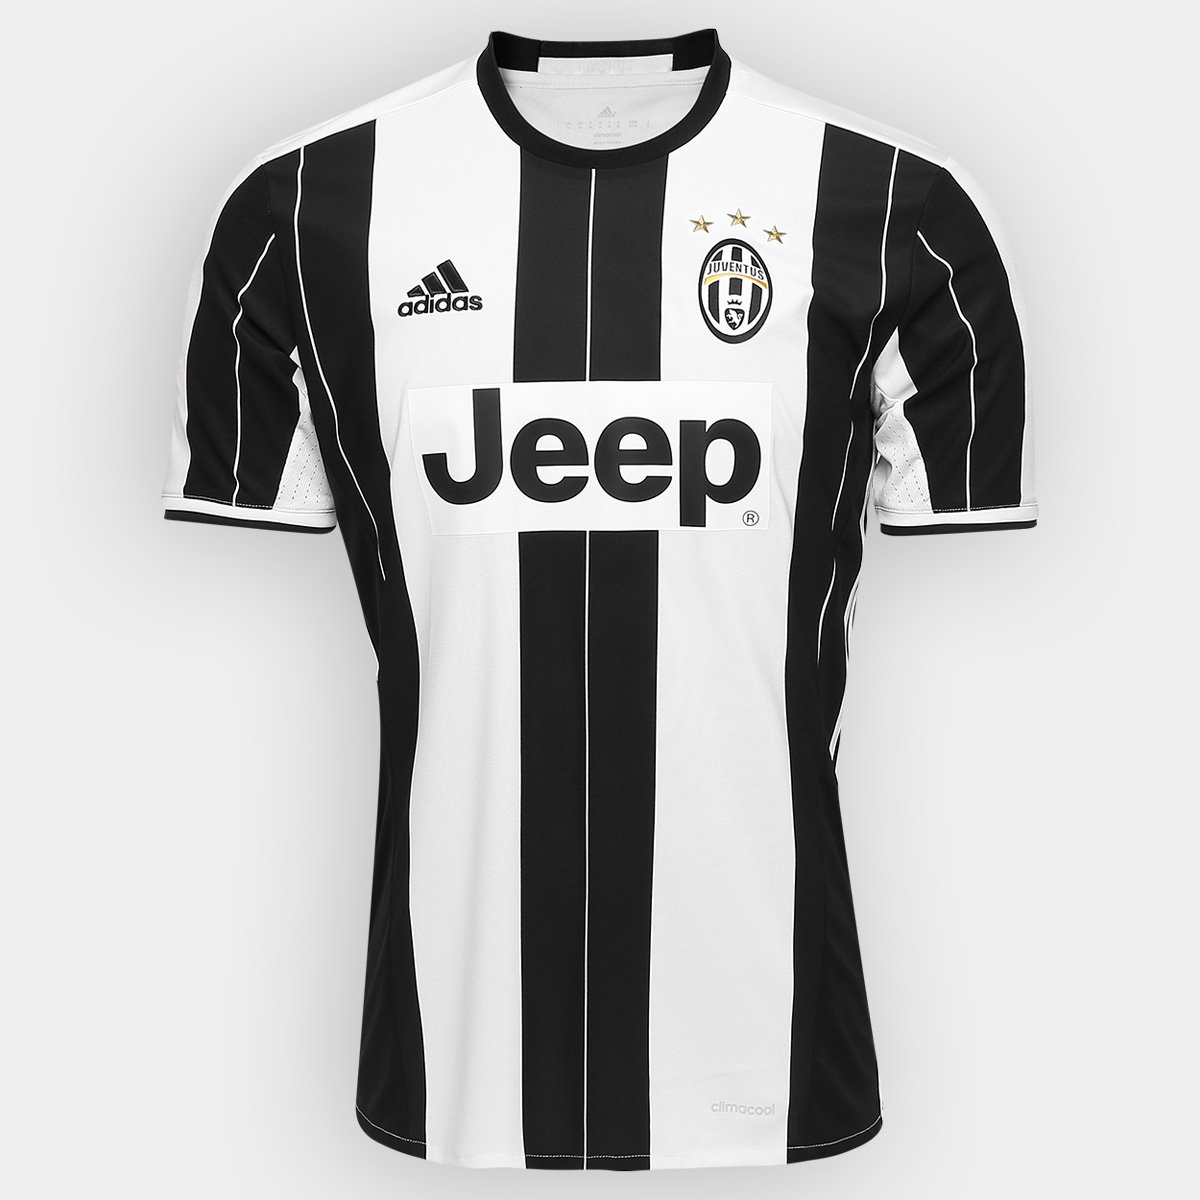 Camisa Juventus Home 16 17 s nº - Torcedor Adidas Masculina - Compre Agora   42d4f175bdf46